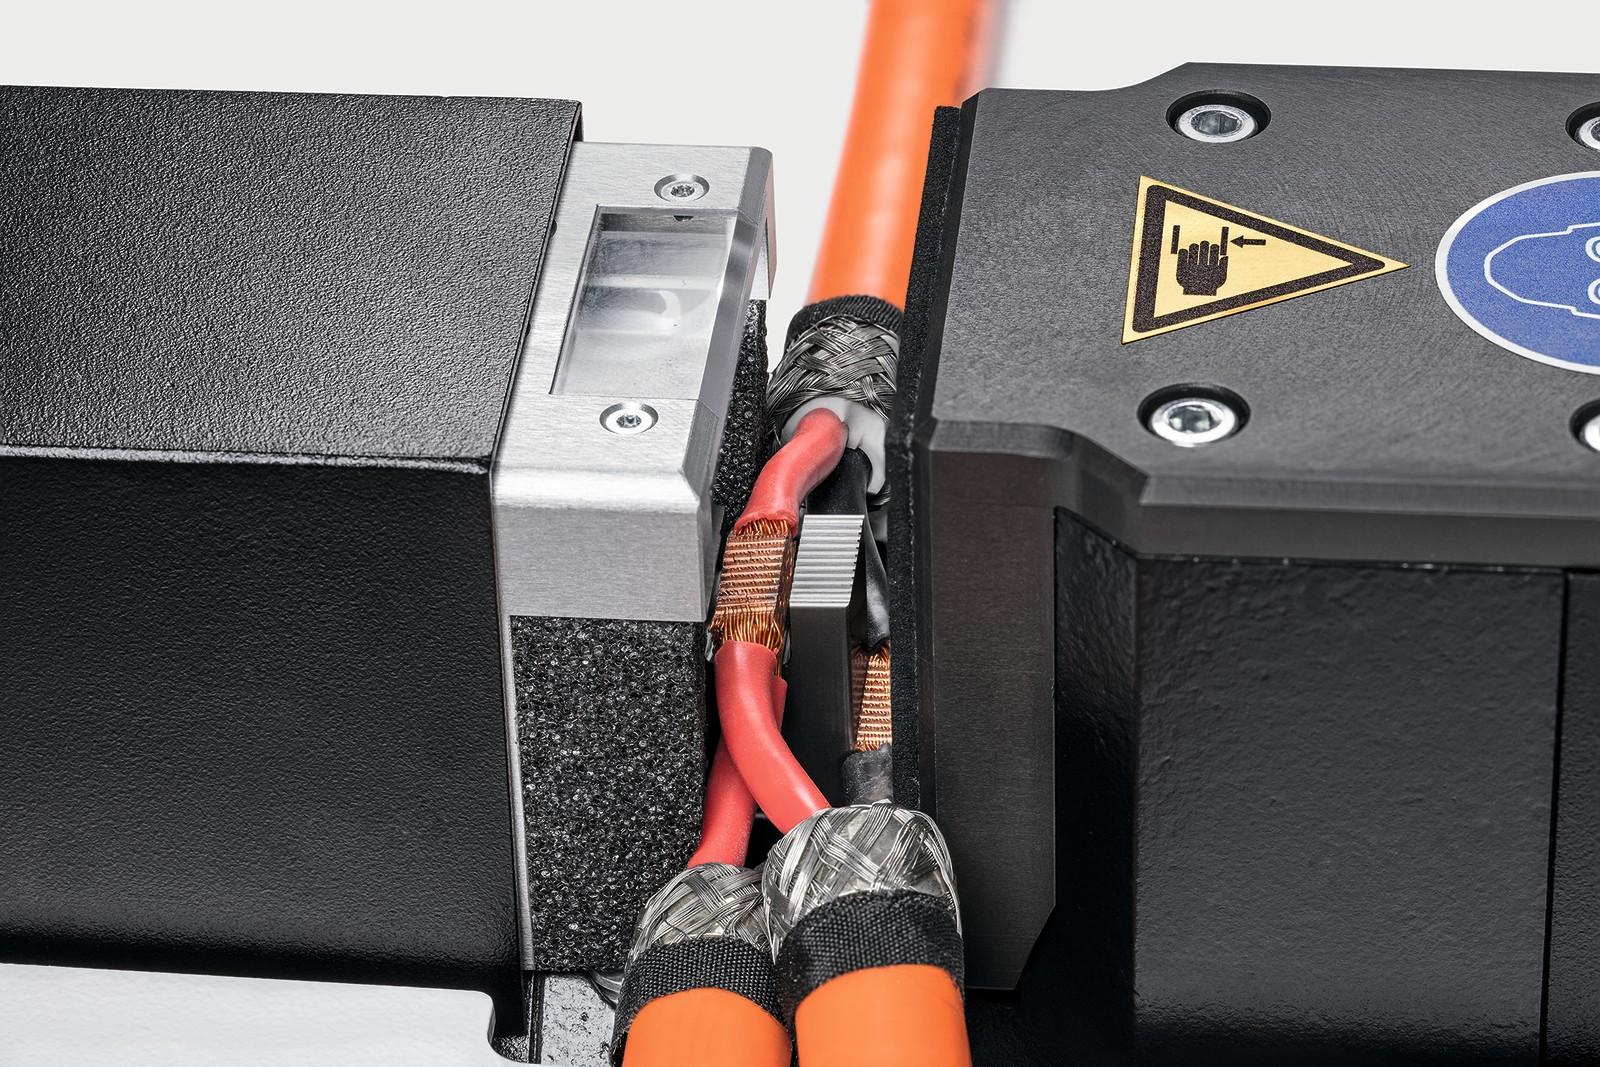 Beim Ultraschallschweißen entstehen hochfeste Verbindungen mit sehr guter elektrischer Leitfähigkeit.